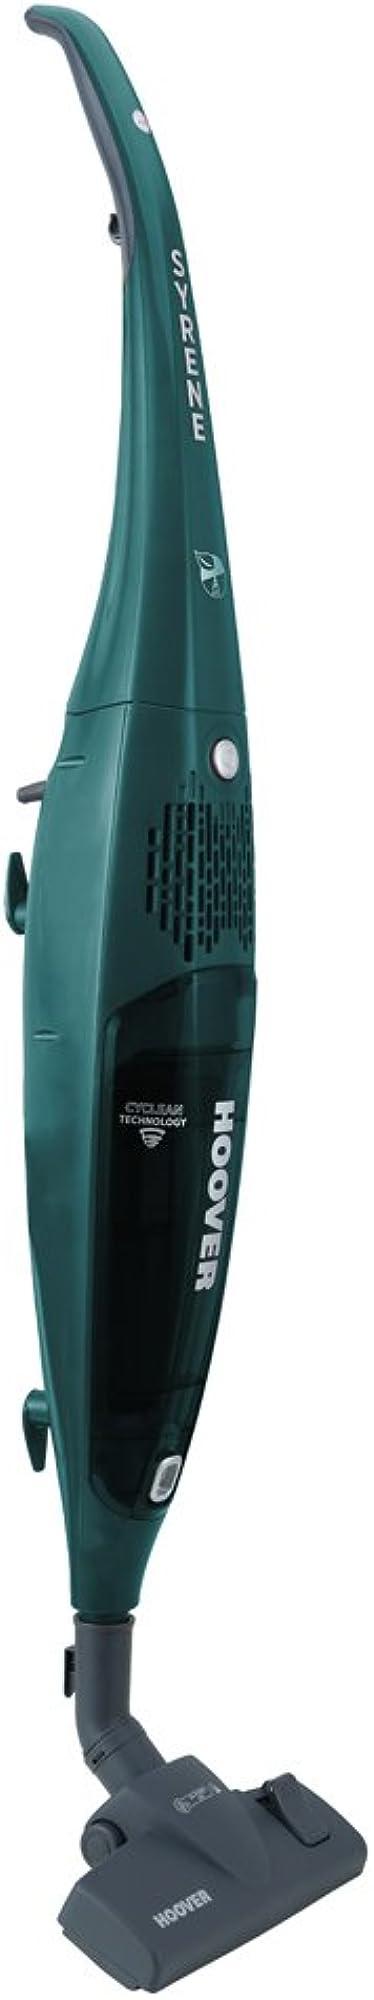 Hoover , scopa elettrica senza sacco syrene SB 01